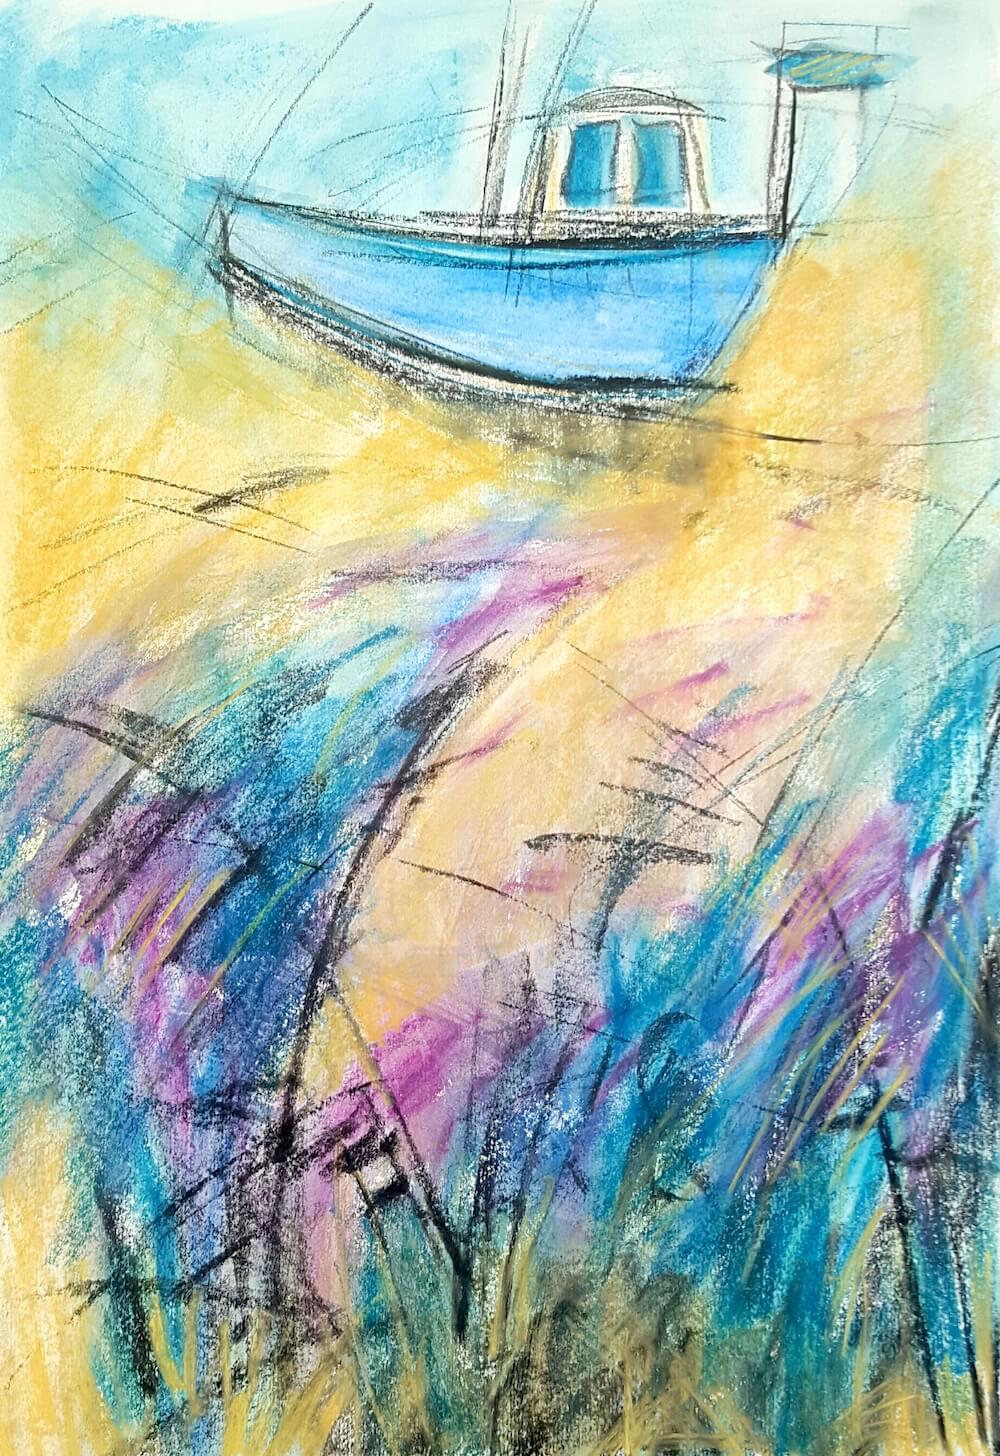 Tara Leaver painting